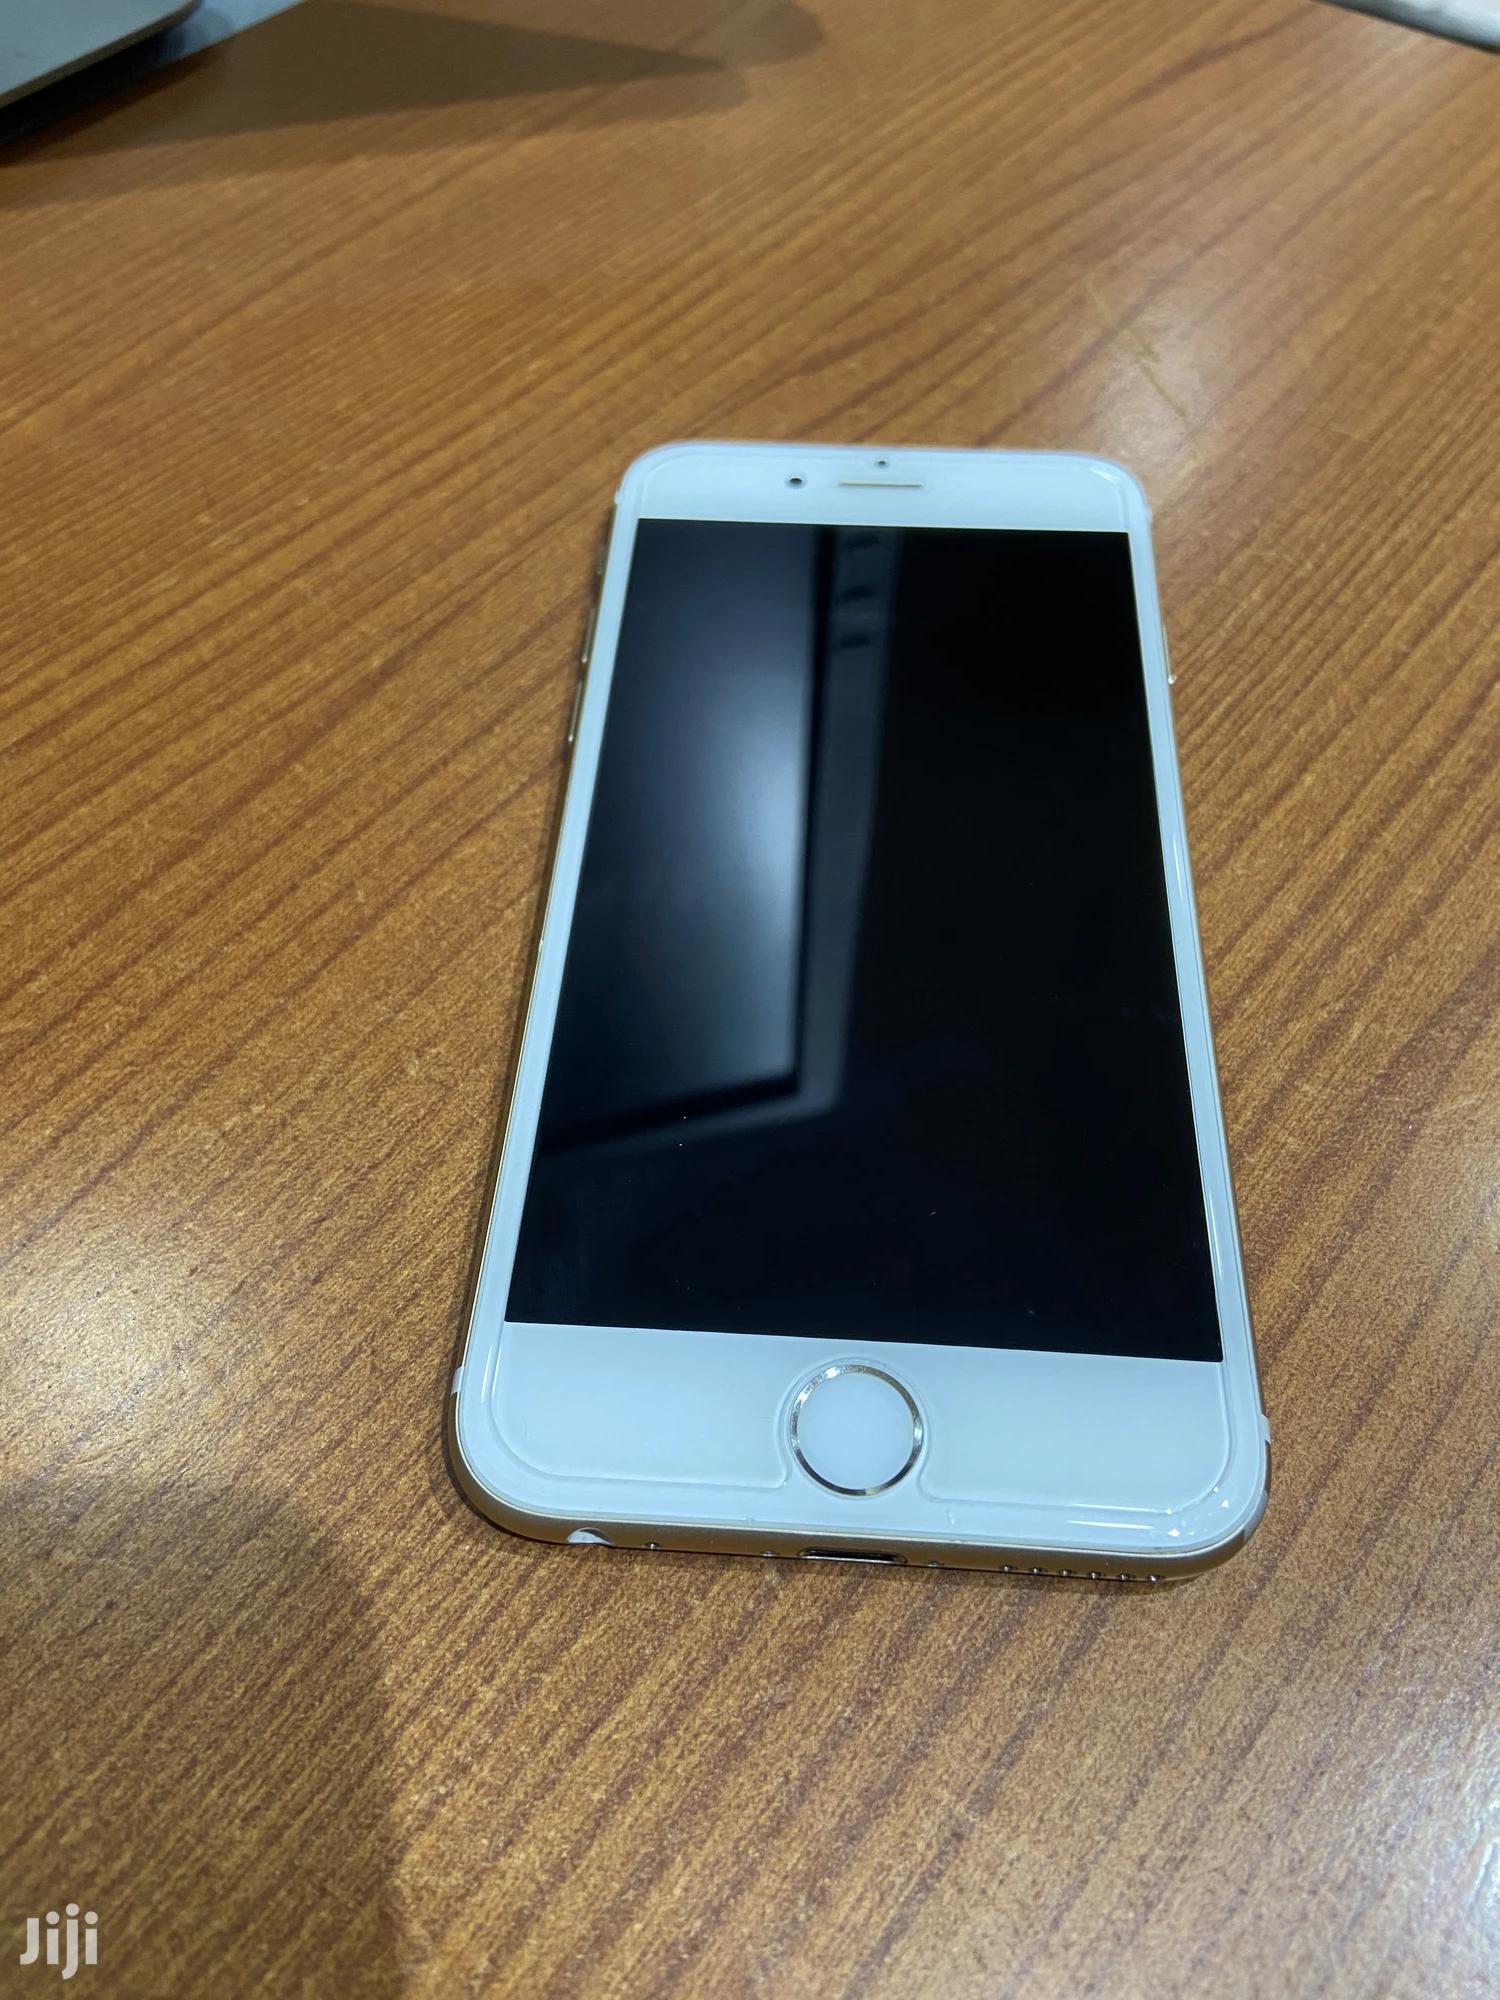 Apple iPhone 6 64 GB Gold | Mobile Phones for sale in Ngara, Nairobi, Kenya